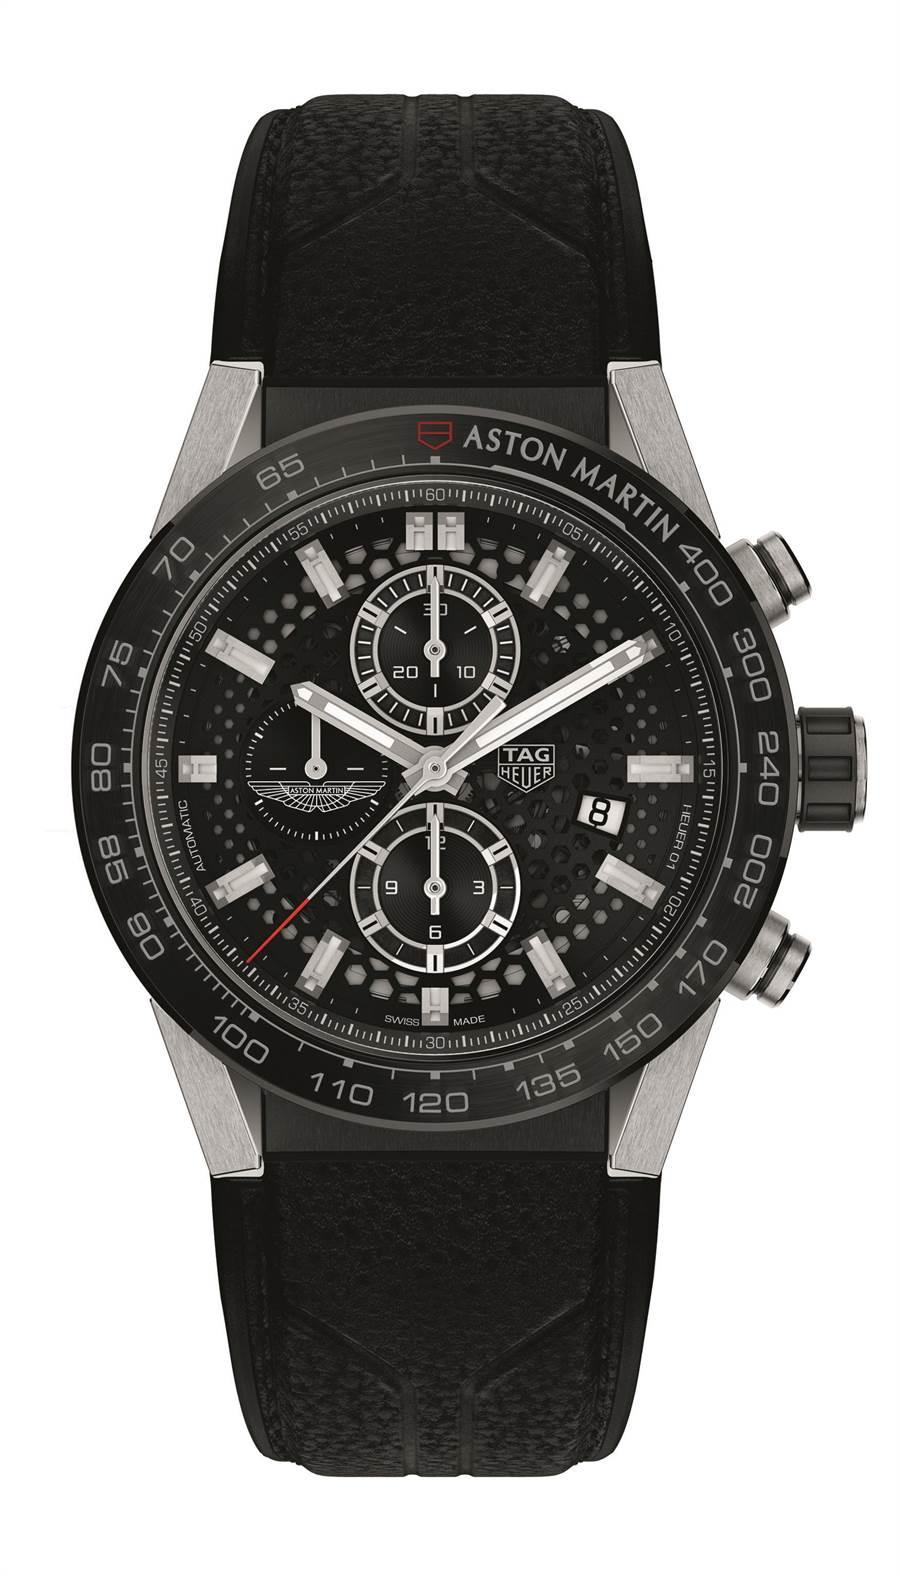 泰格豪雅Carrera Heuer 01 Aston Martin 聯名計時碼表,21萬2000元。(TAG Heuer提供)